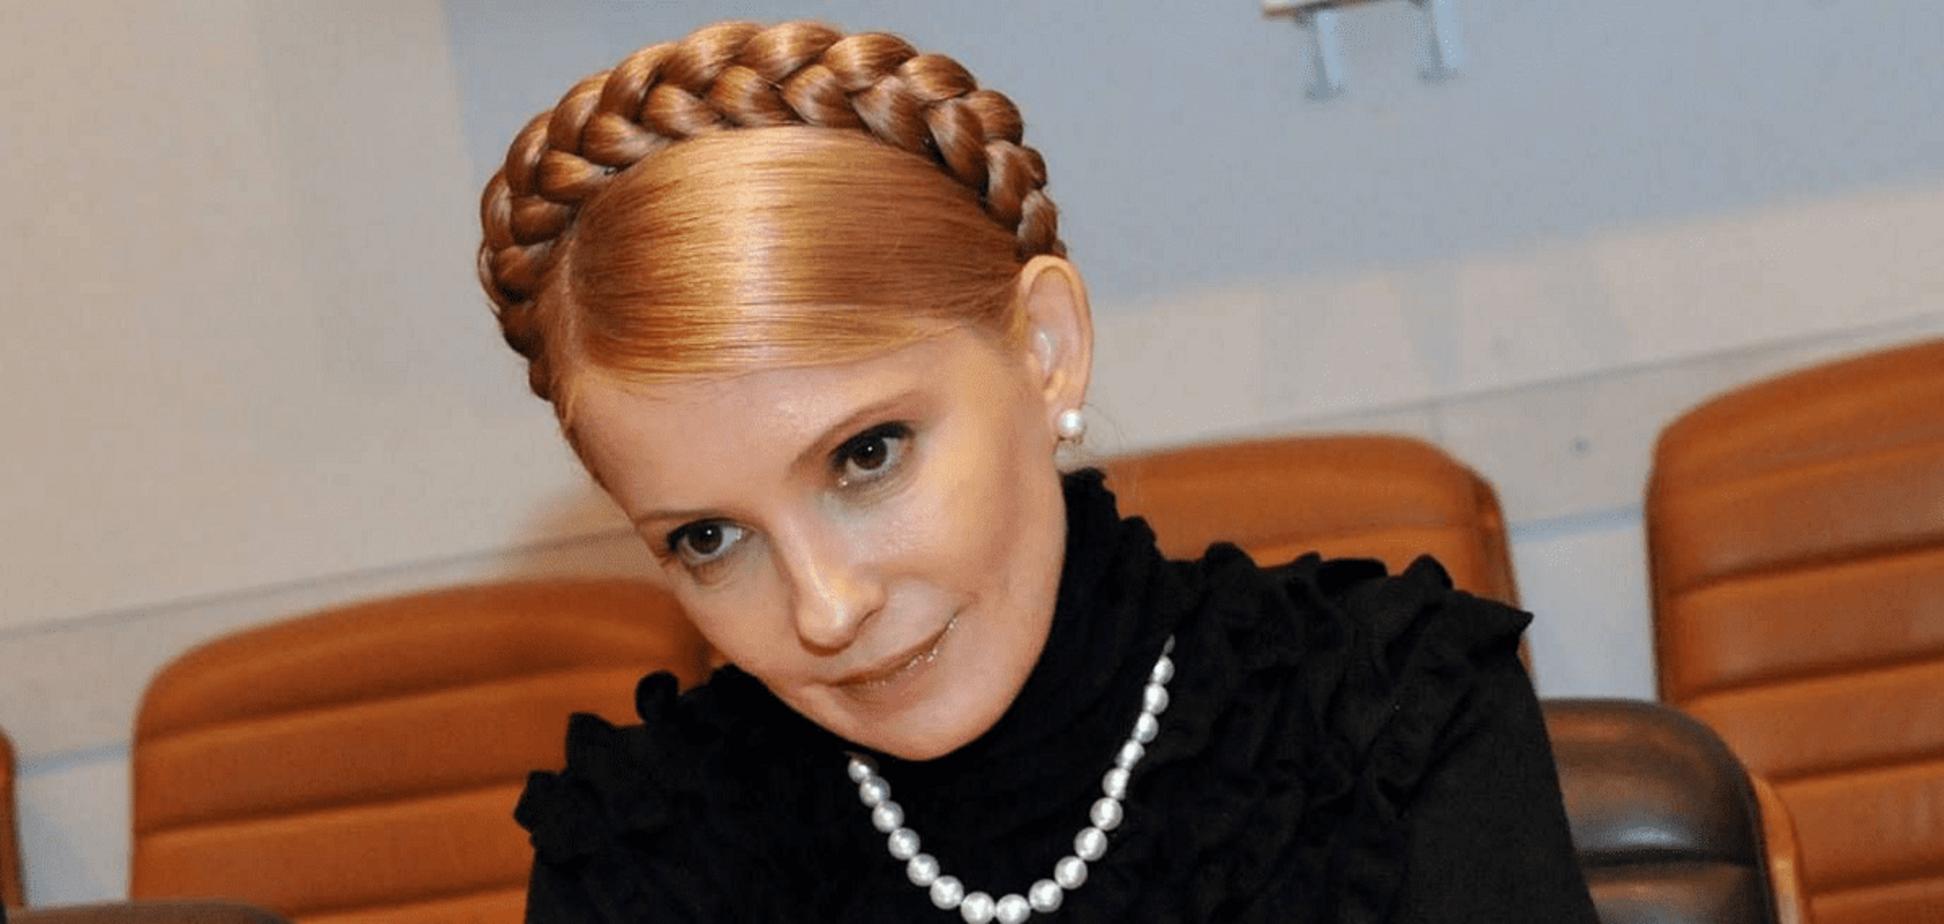 Тимошенко показалася в новому образі зі шкіряними ремінцями. Фото